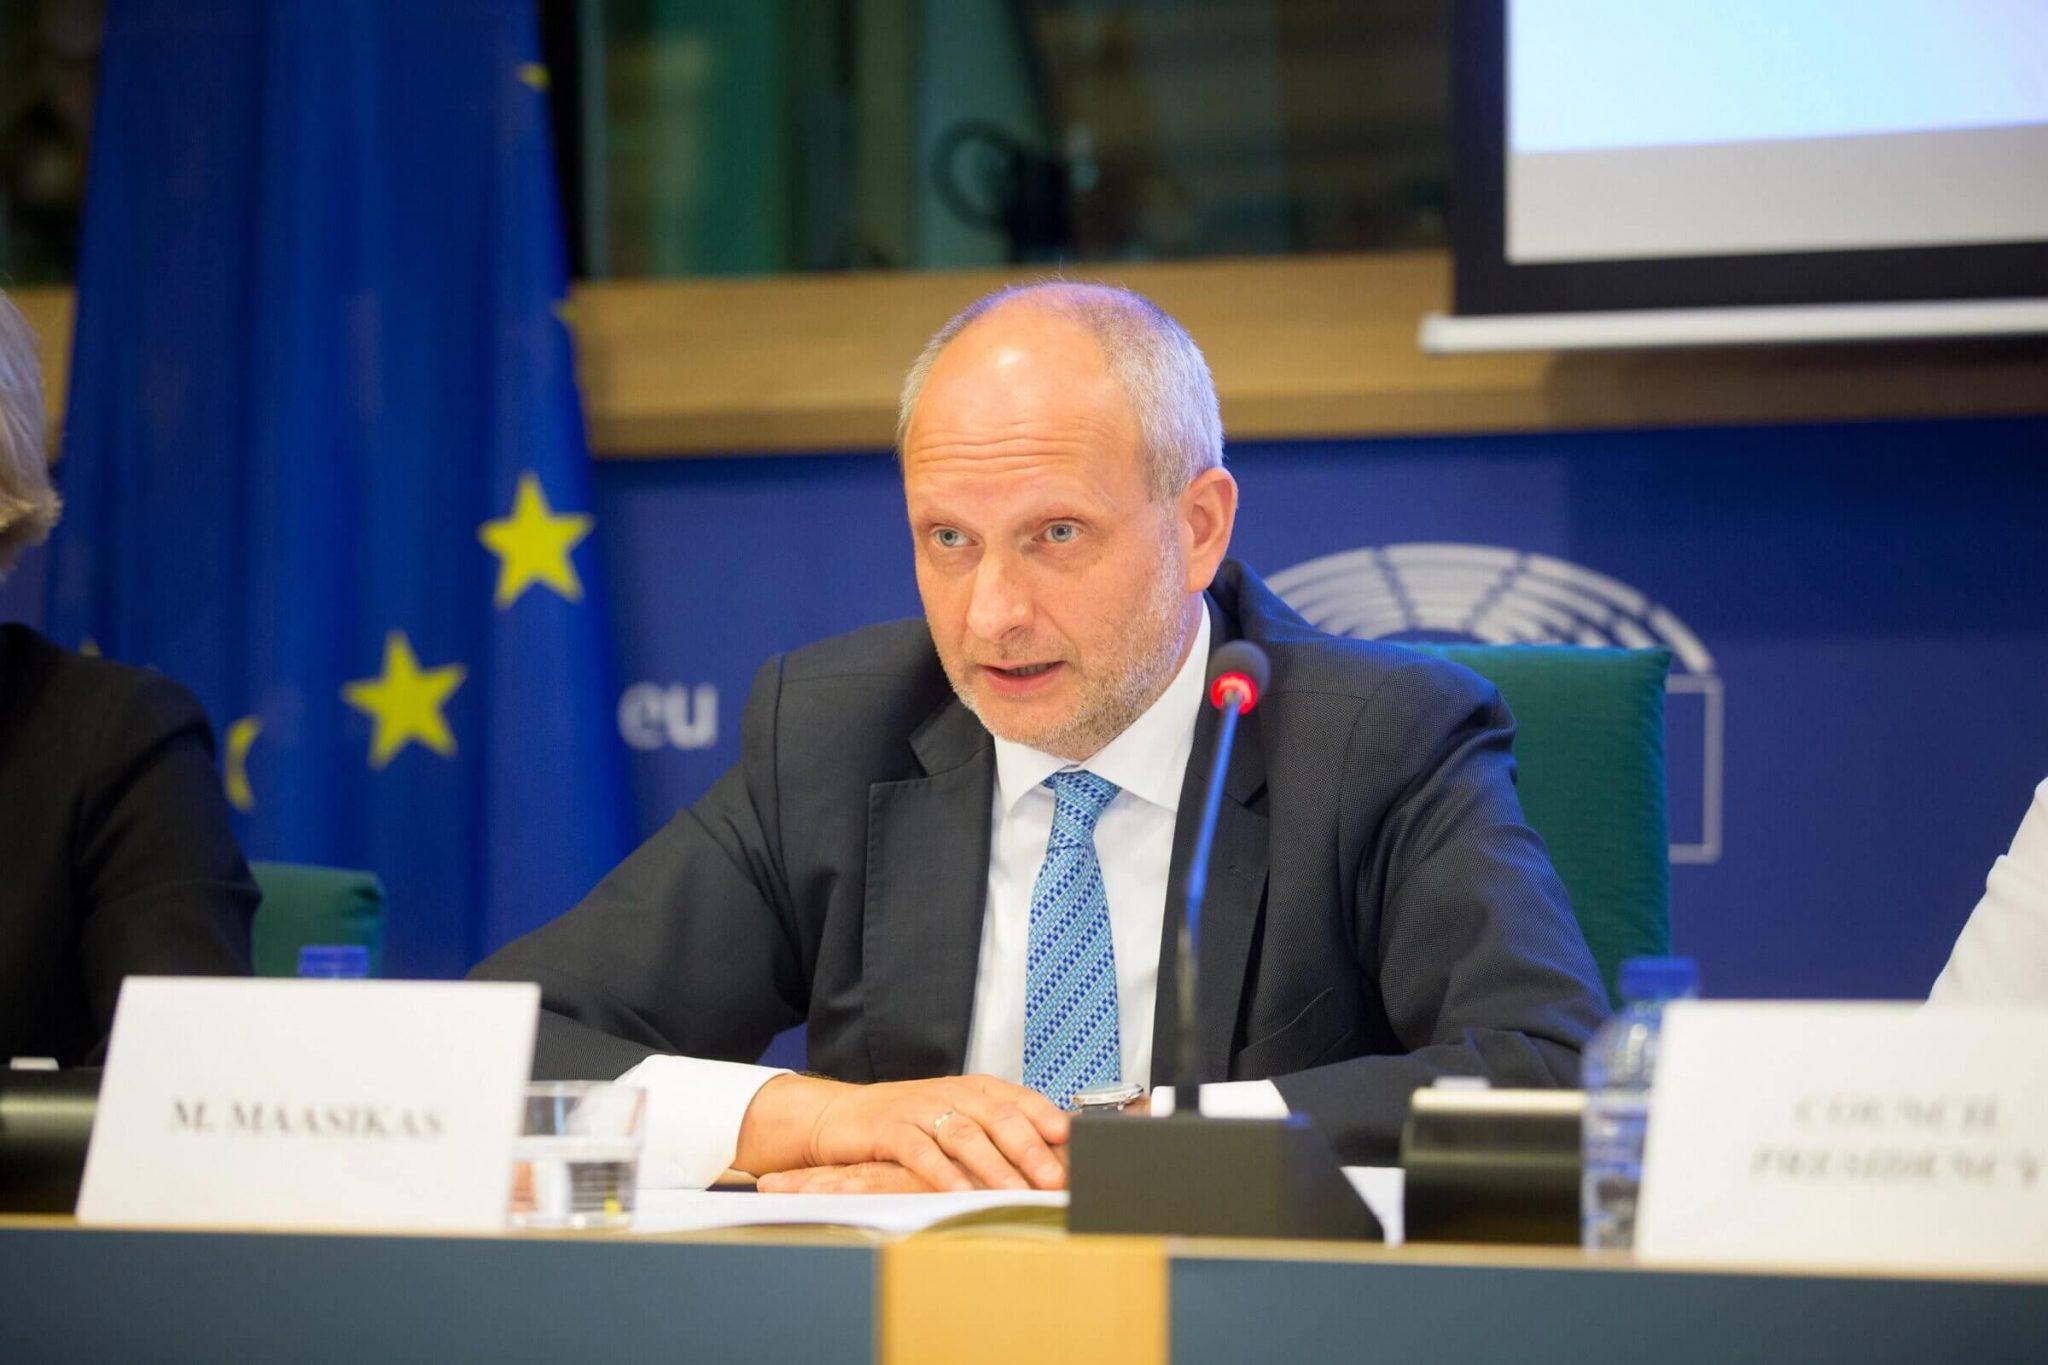 В ЕС не все хотят видеть Украину - посол ЕС